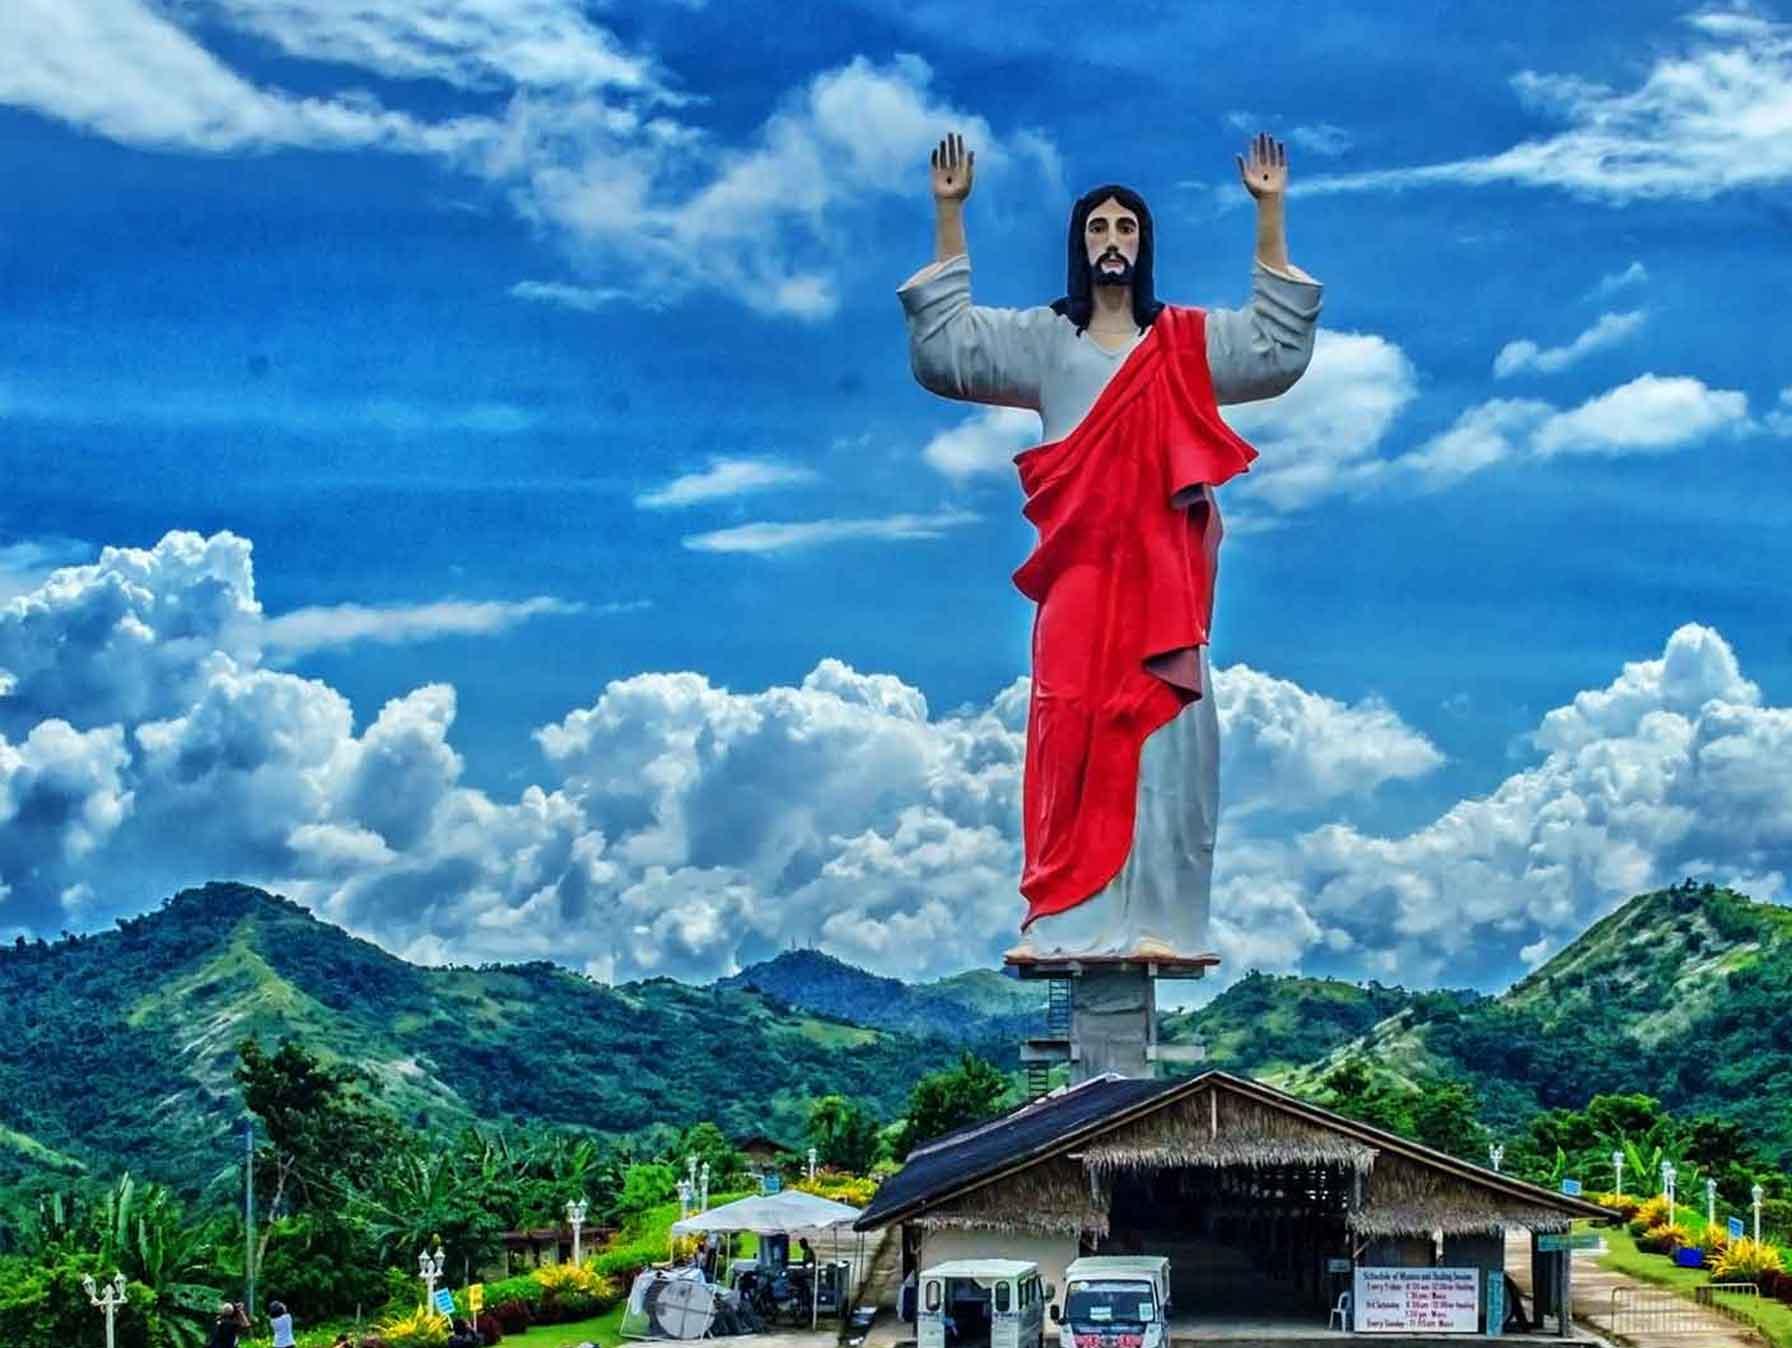 A Fülöp-szigeteki Roxasban áll a Jézus megszentelt szívét jelképező szobor, mely 31 méteres magasságával a Fülöp-szigetek legnagyobb Krisztus-szobra. <br />(Kép forrása: ttnotes.com)